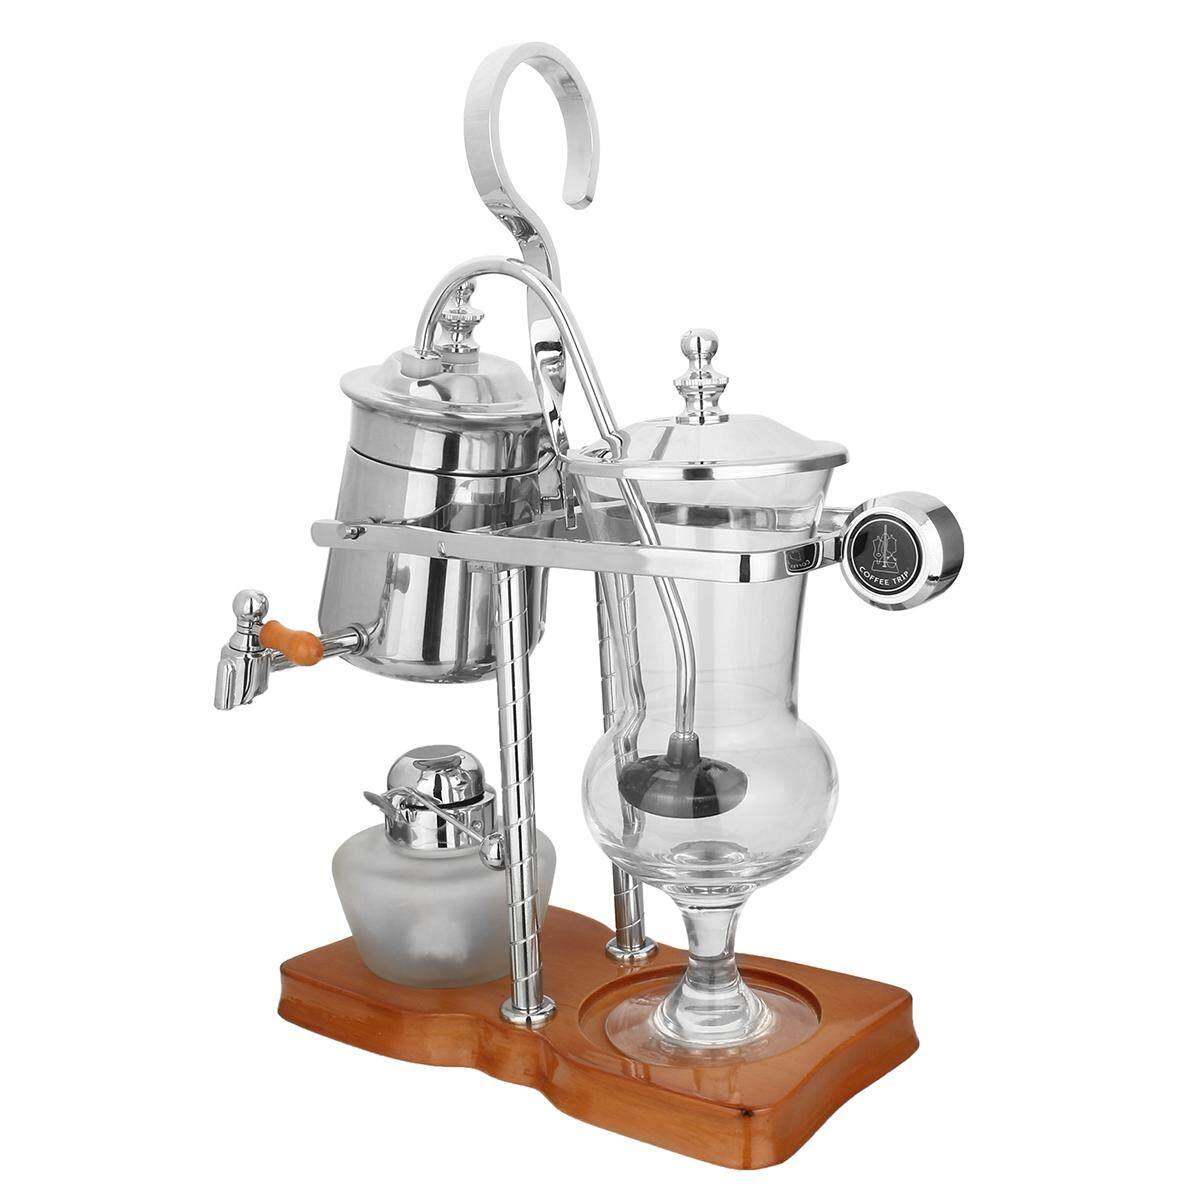 Features Hario Tca 5 Syphon Coffee Maker Cups Dan Harga Terbaru Products Espresso Workshop Silver Luxury